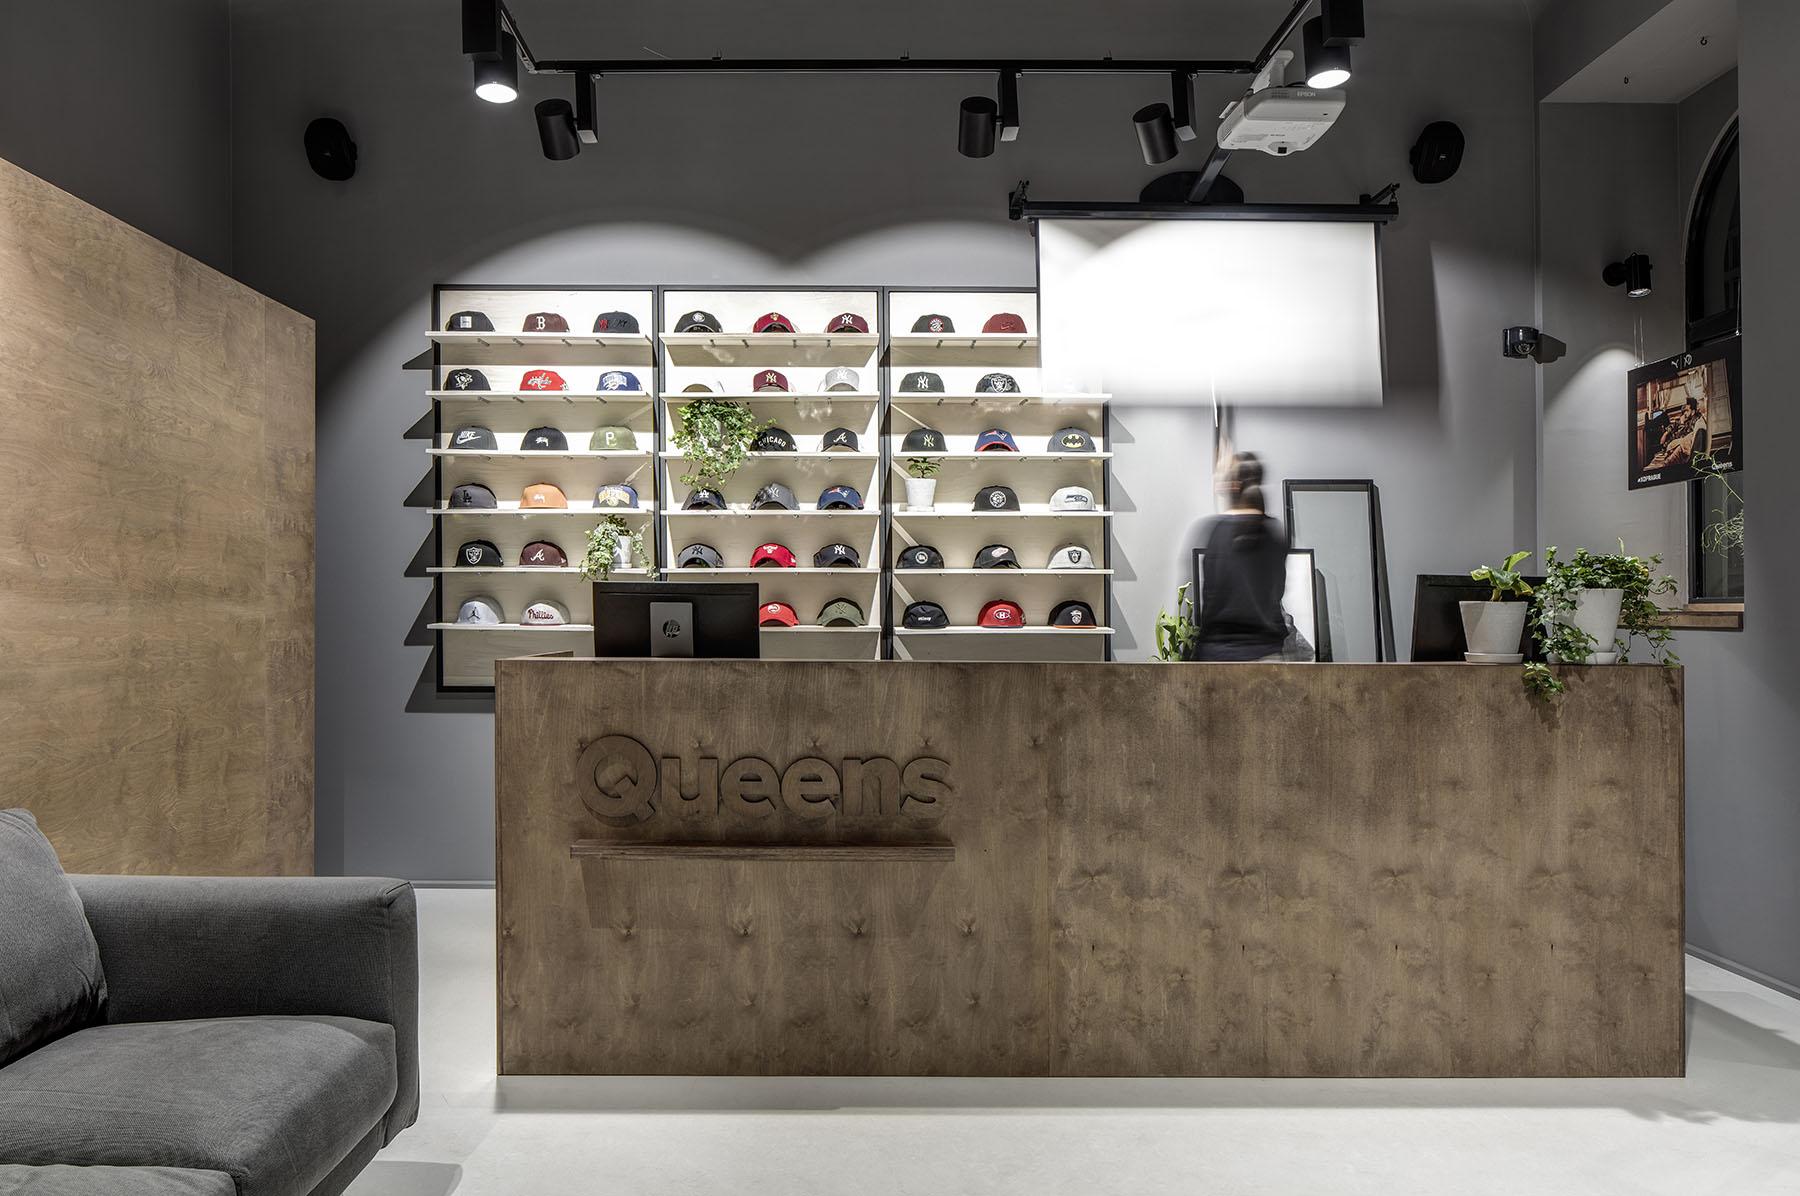 Queens má nový designový Flagship Store v centru Prahy 4cfac0f2fbb